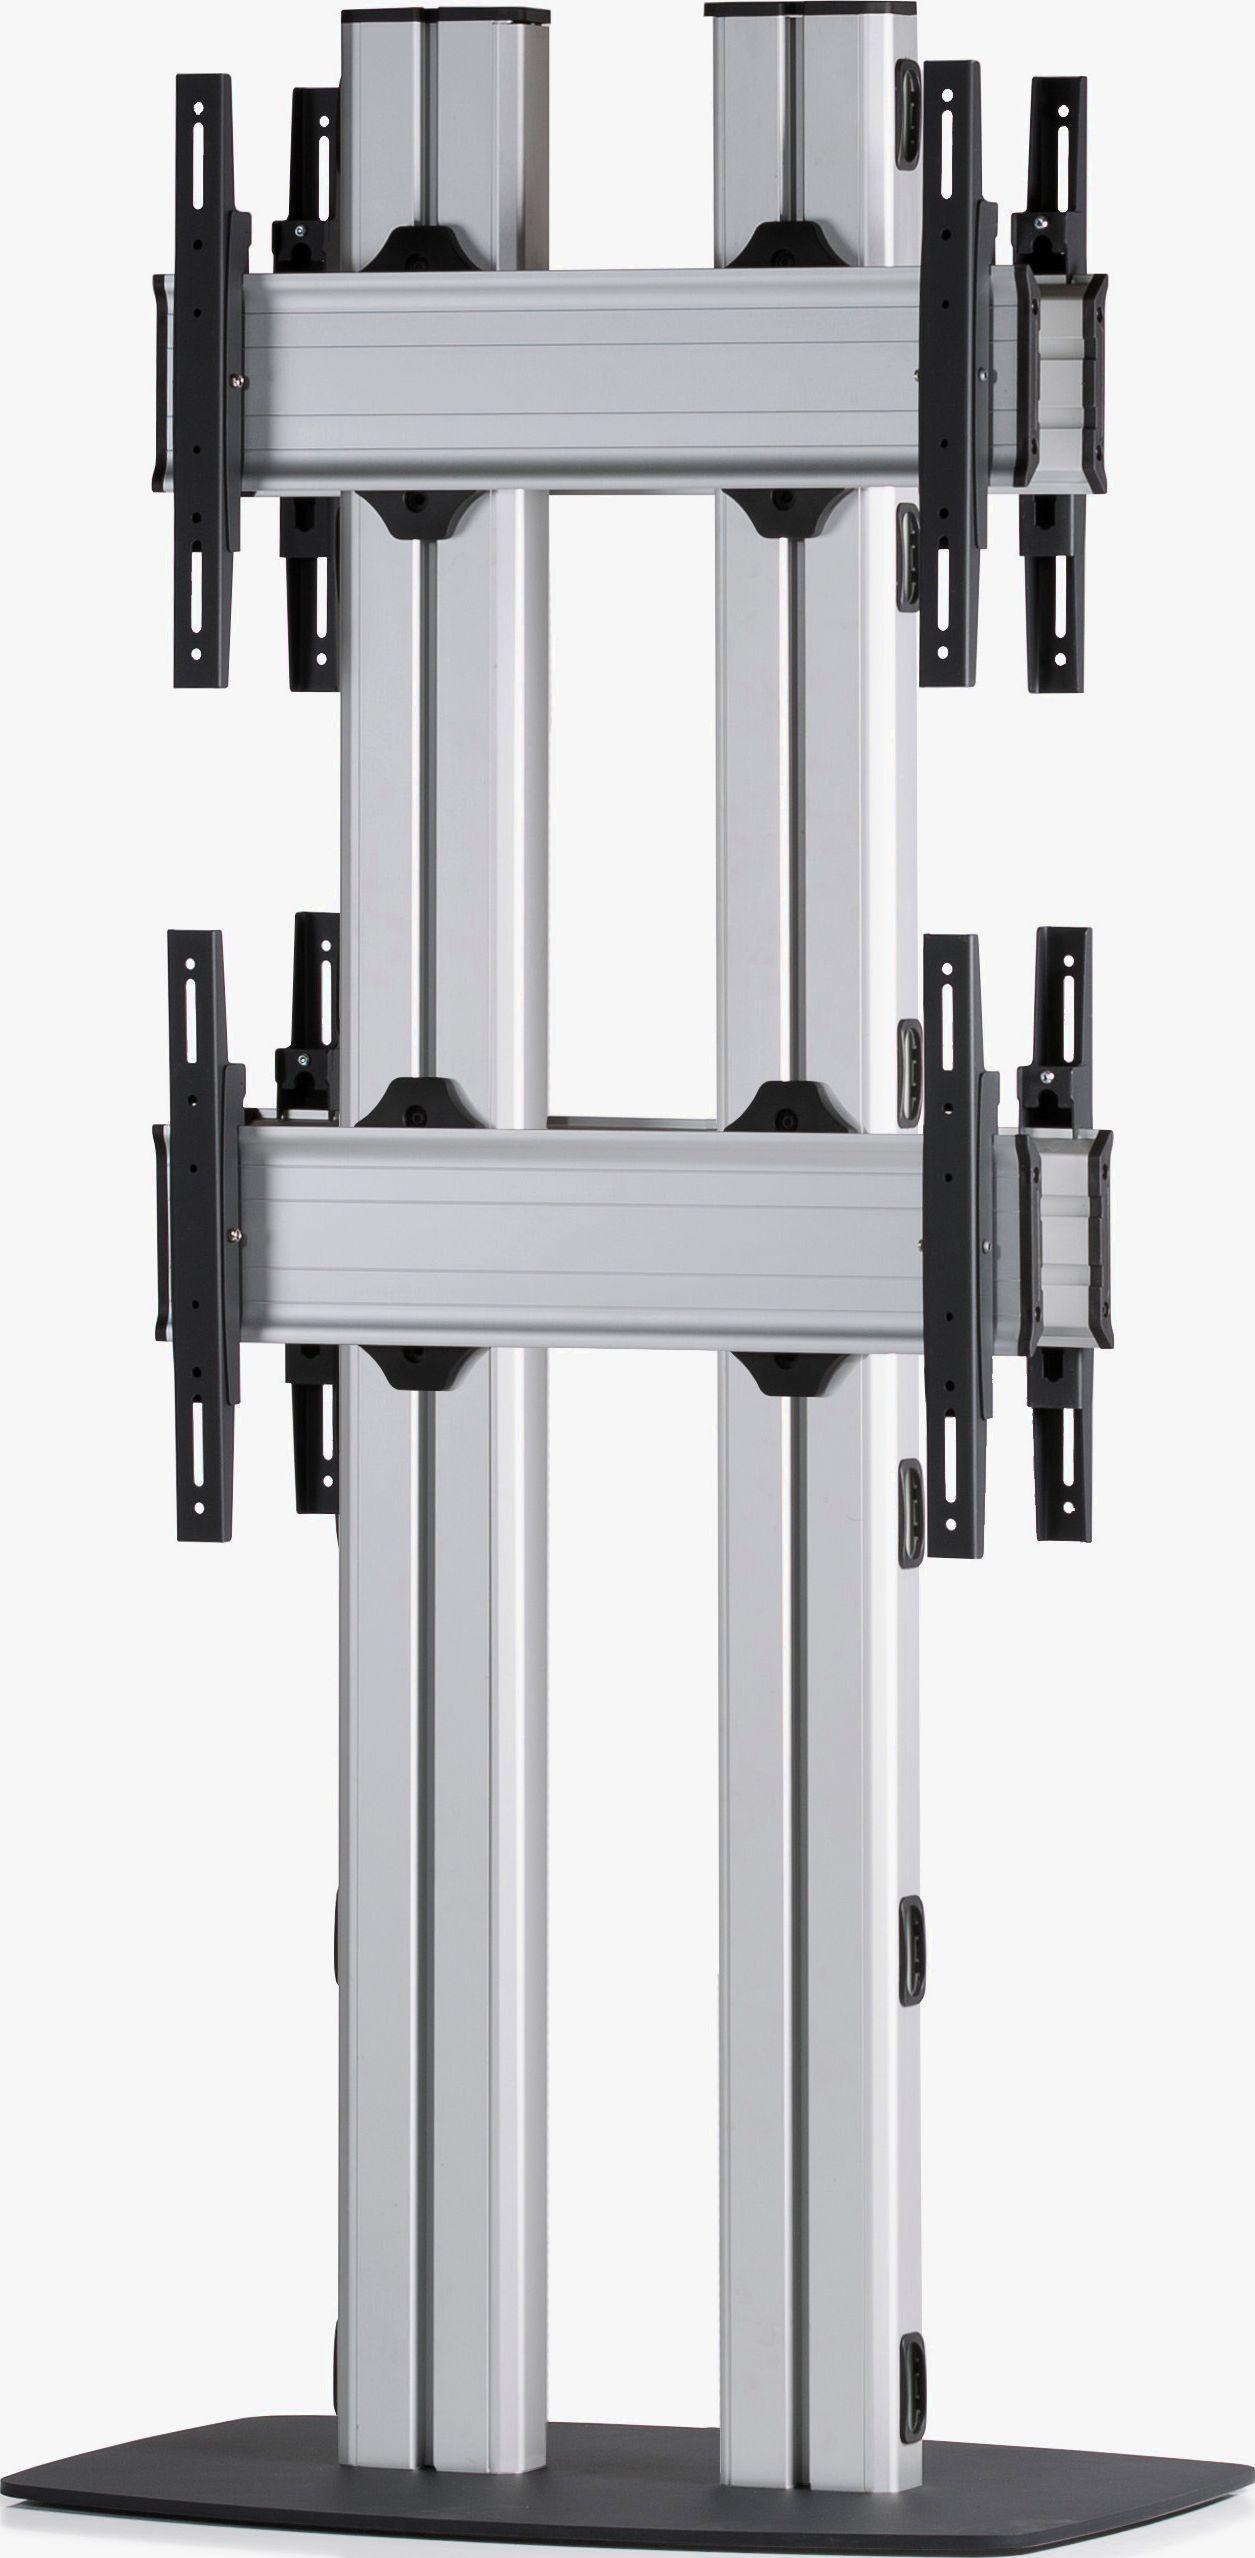 4 Displays 2x1 beidseitig, für große Bildschirme, Standard-VESA, mit Standfuß